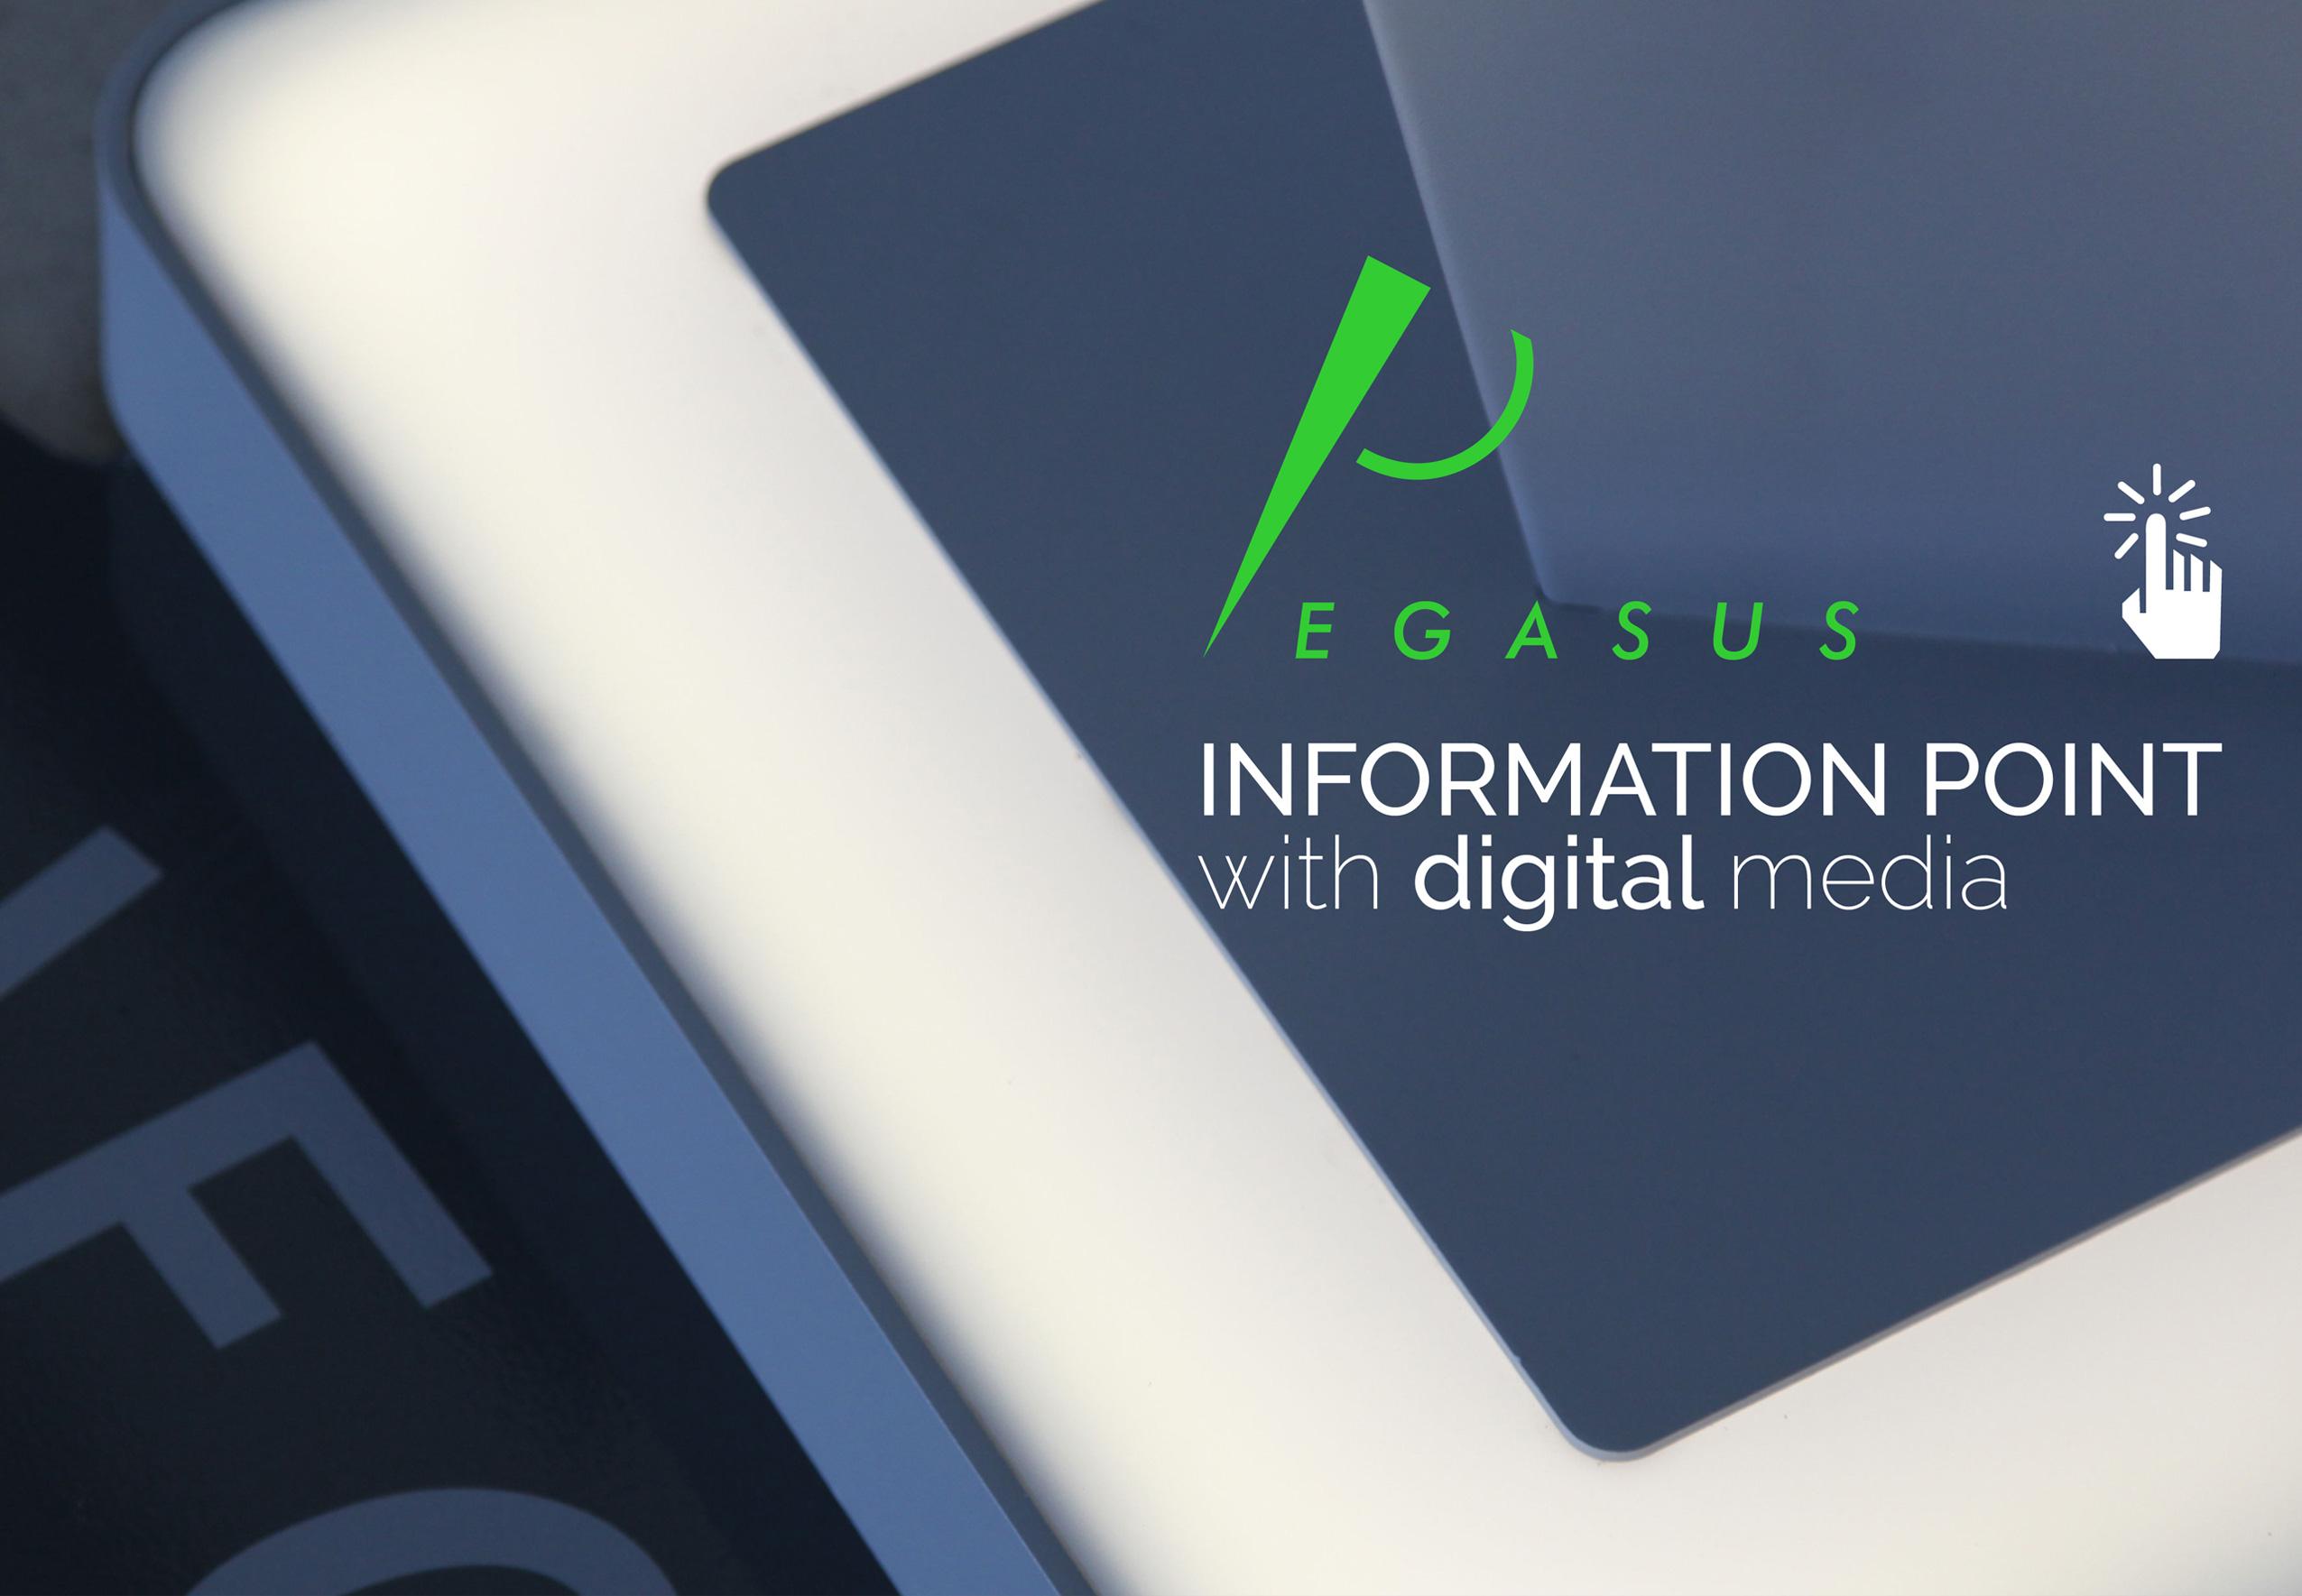 C_PEGASUS_1